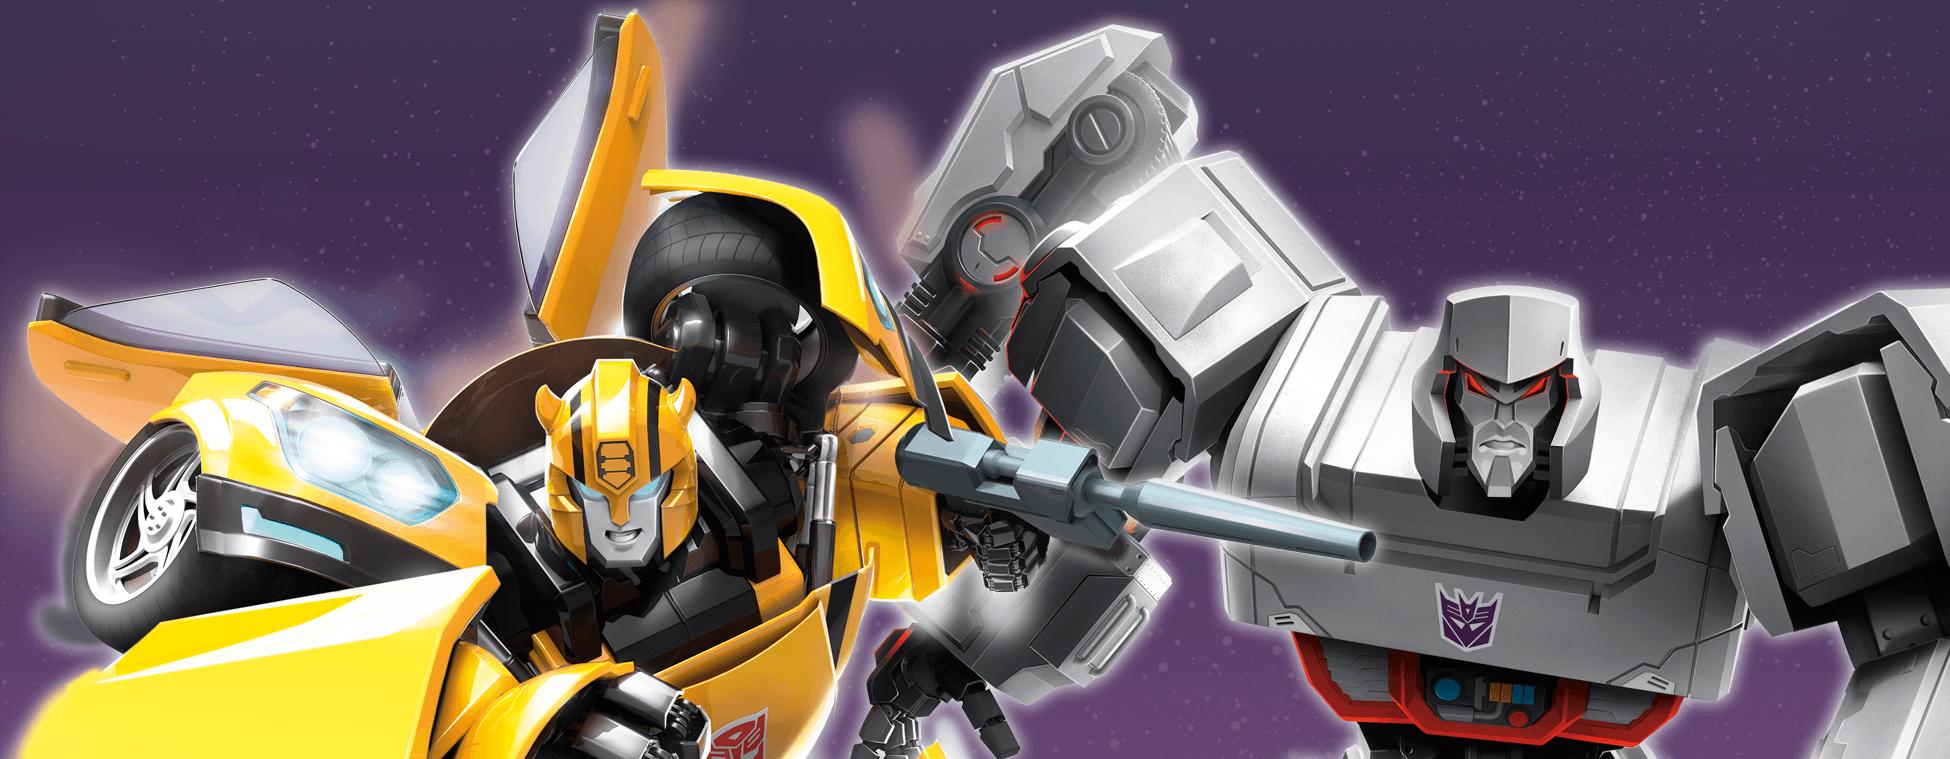 Bumblebee vs Megatron BSA